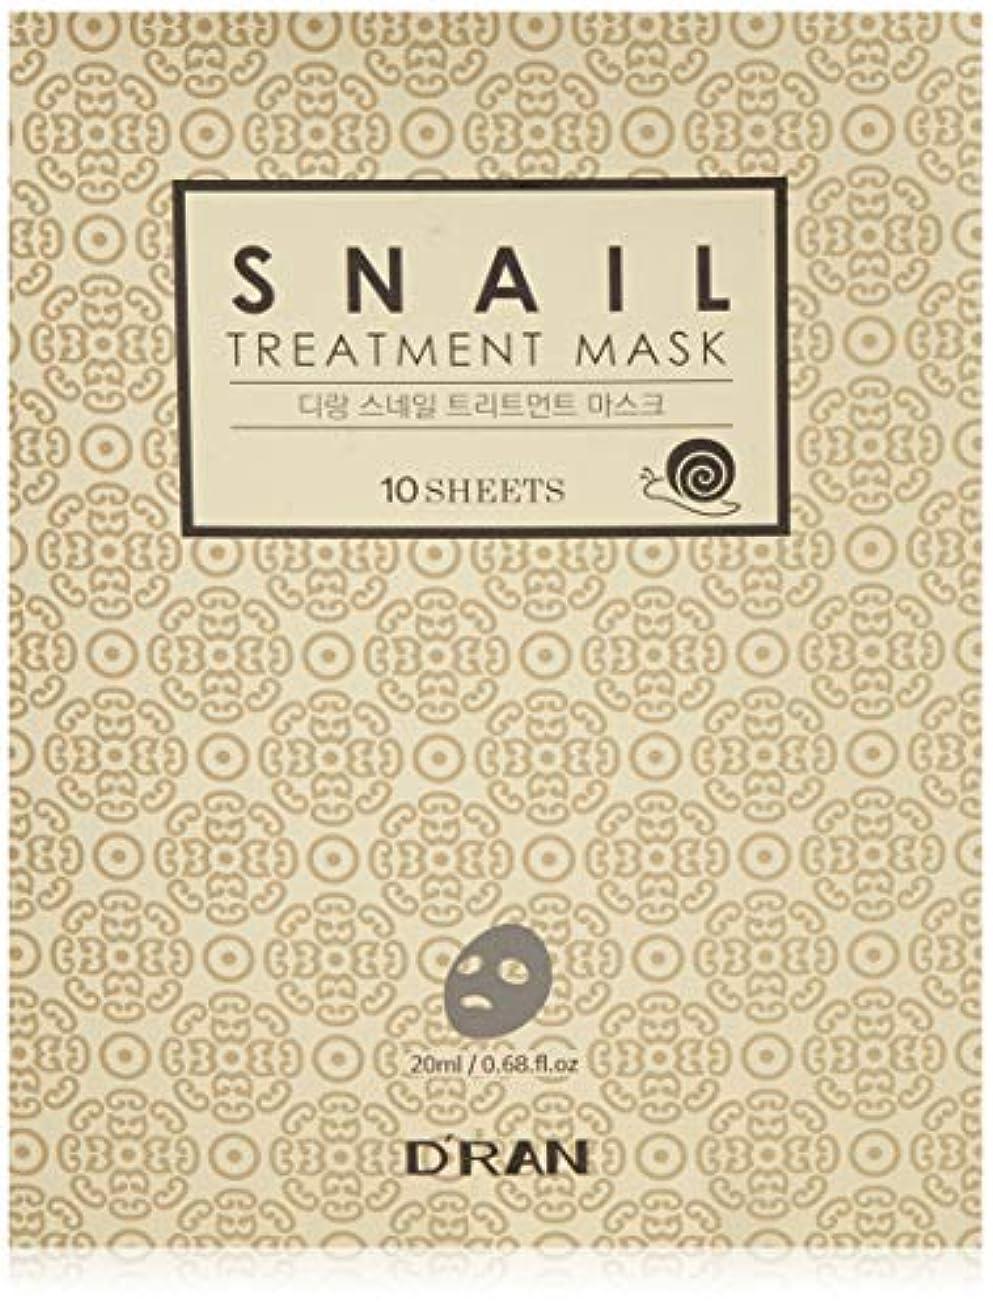 ユーモアバンドル足枷New Snail Treatment Mask (1set_10pcs)